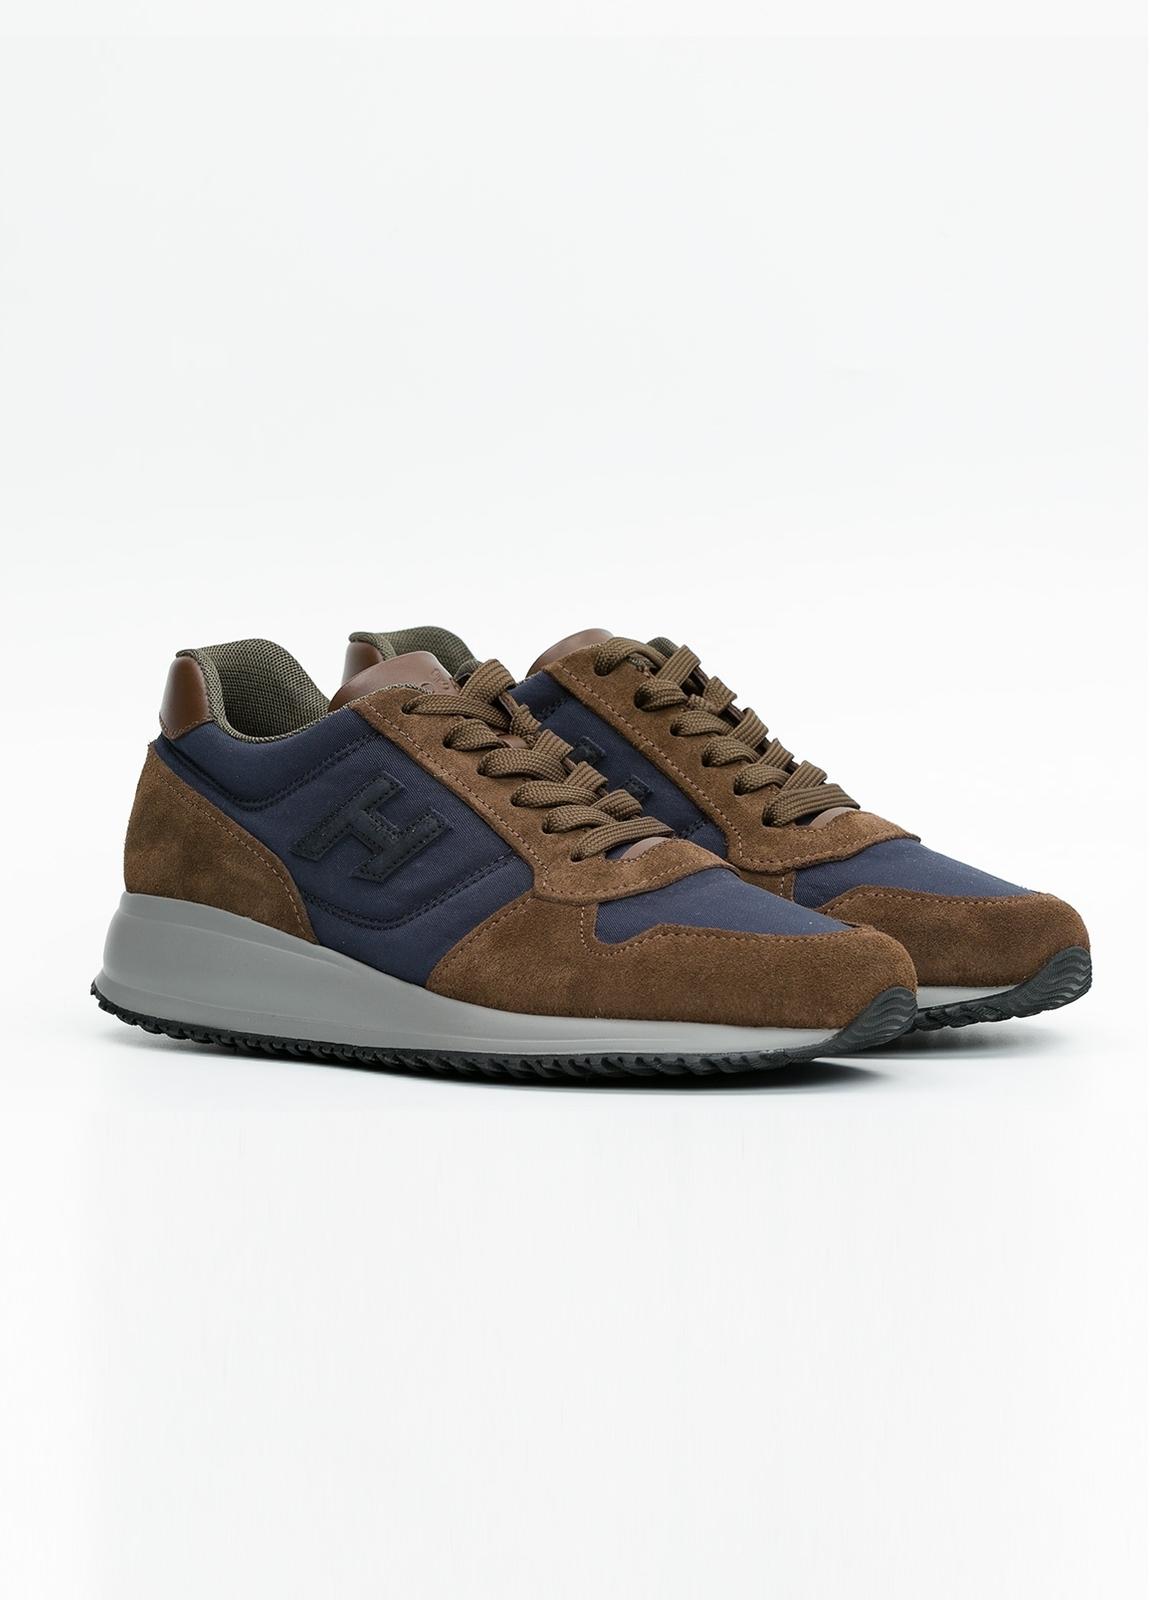 Calzado sport INTERACTIVE color marrón y azul. Combinación de serraje, tejido técnico y apliques en piel. - Ítem2